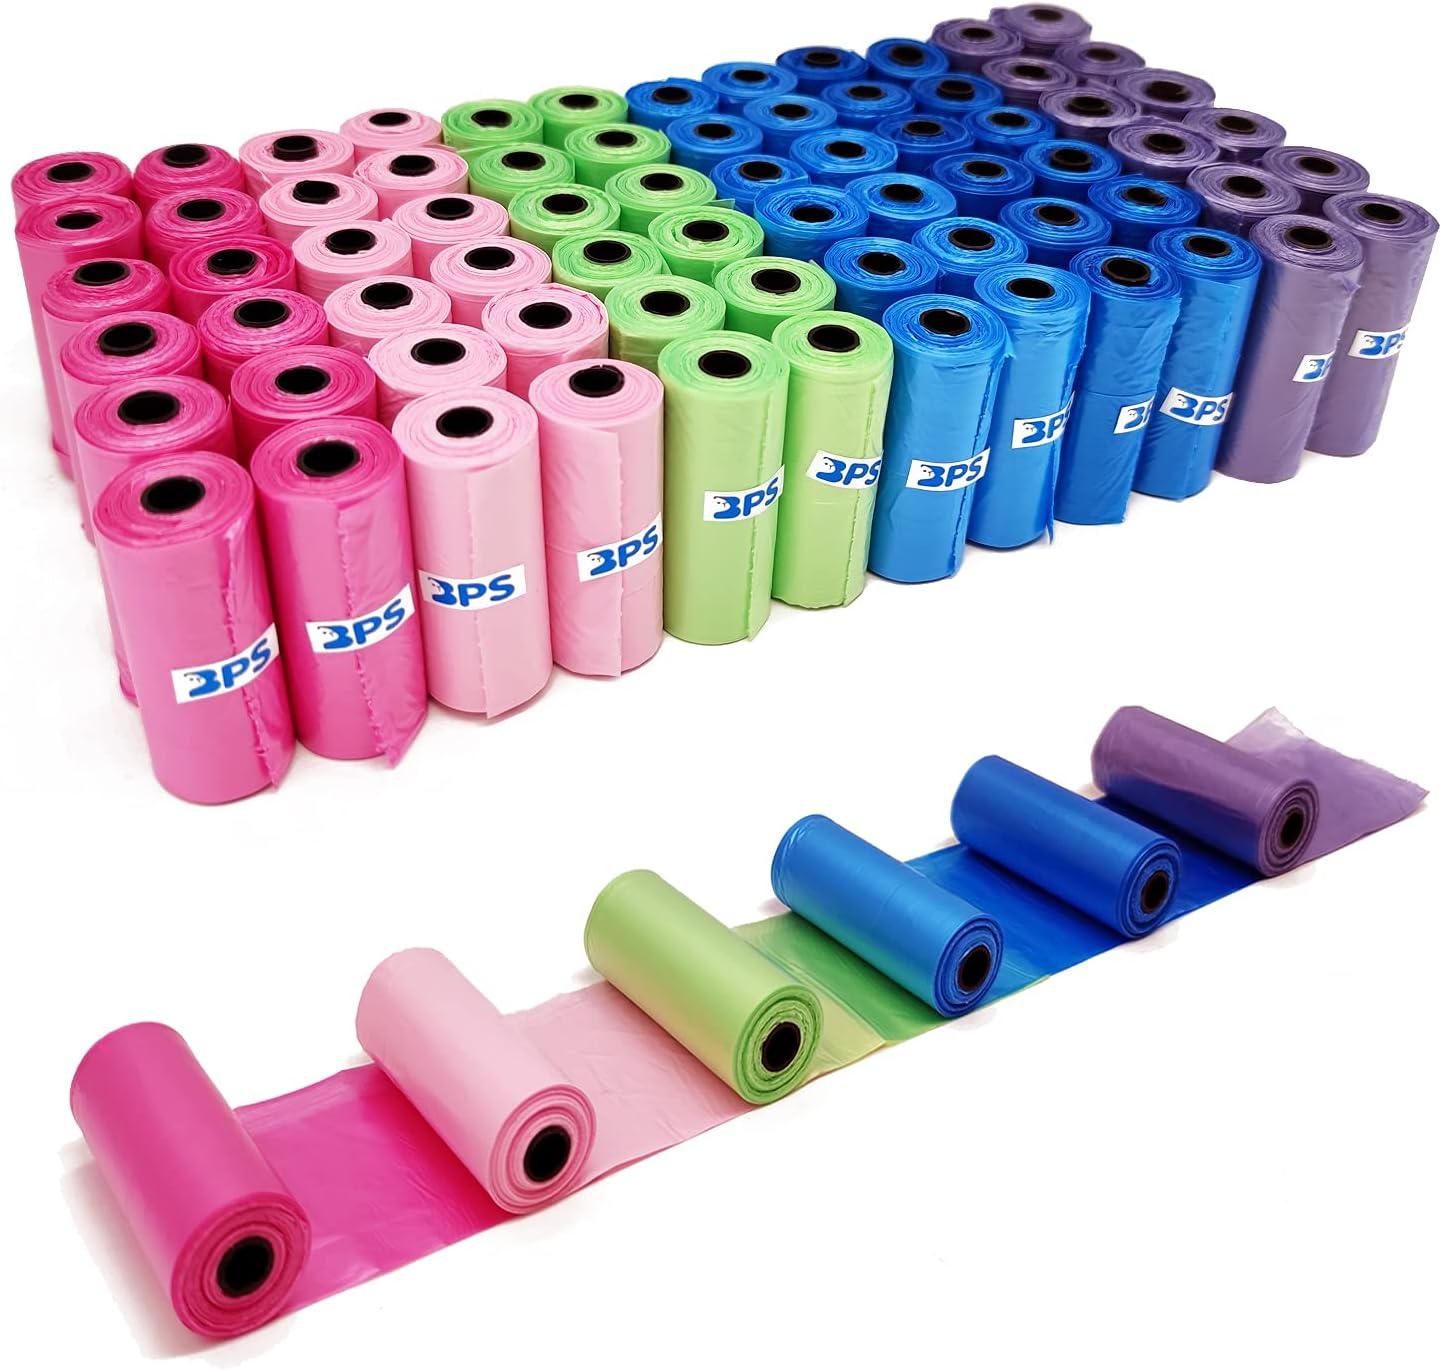 BPS 1080 Bolsas de Caca Perro Bolsas para Excrementos de Perros para Mascotas Animales Domésticos Pack de 72 Rollos Multicolor BPS-5382*01